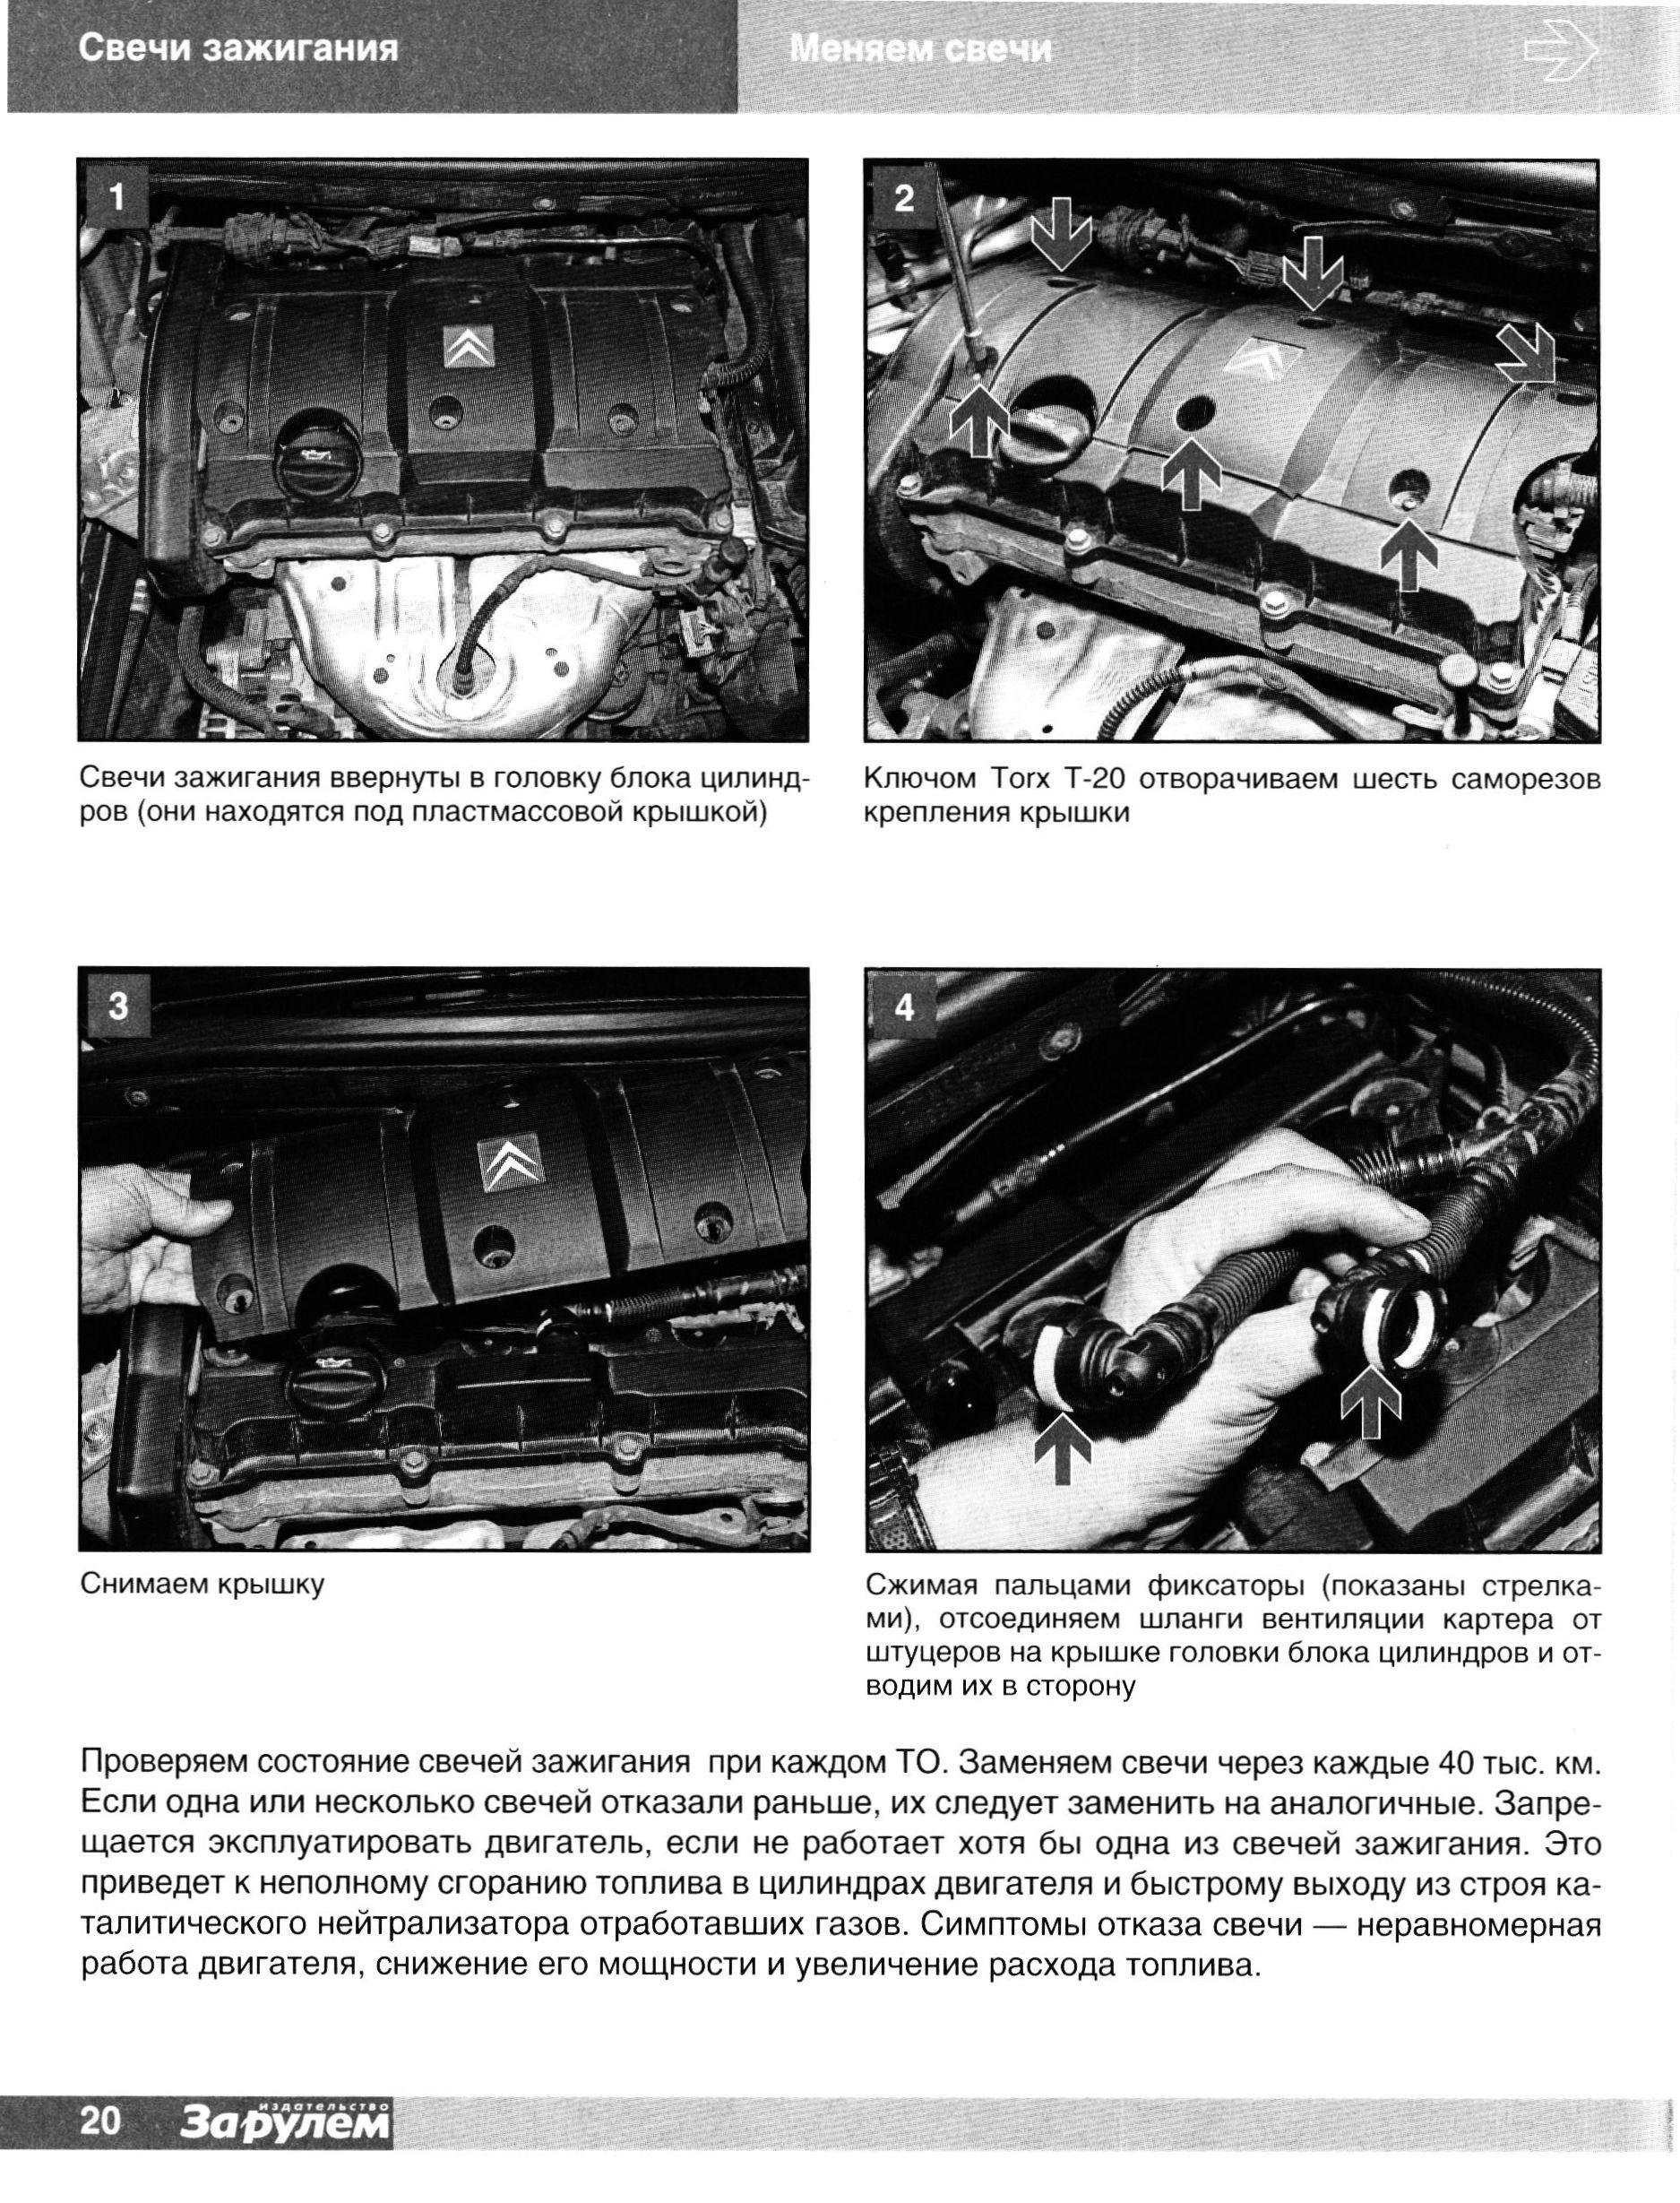 ситроен с4 руководство по эксплуатации pdf